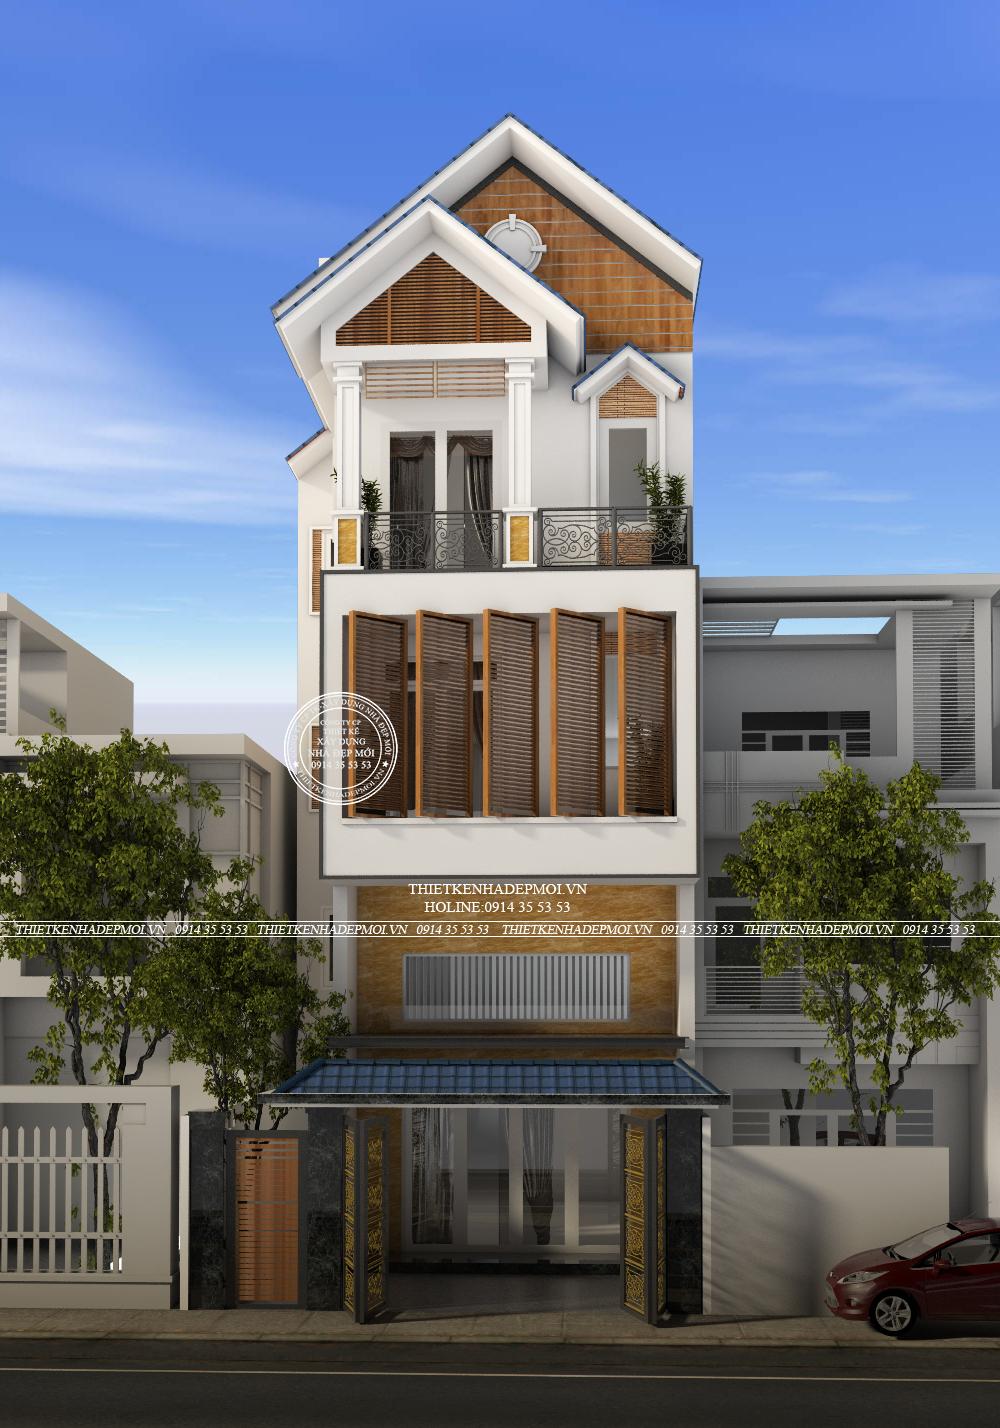 Thiết kế nhà 1 trêt 1 lung 2 lầu mái thái -2